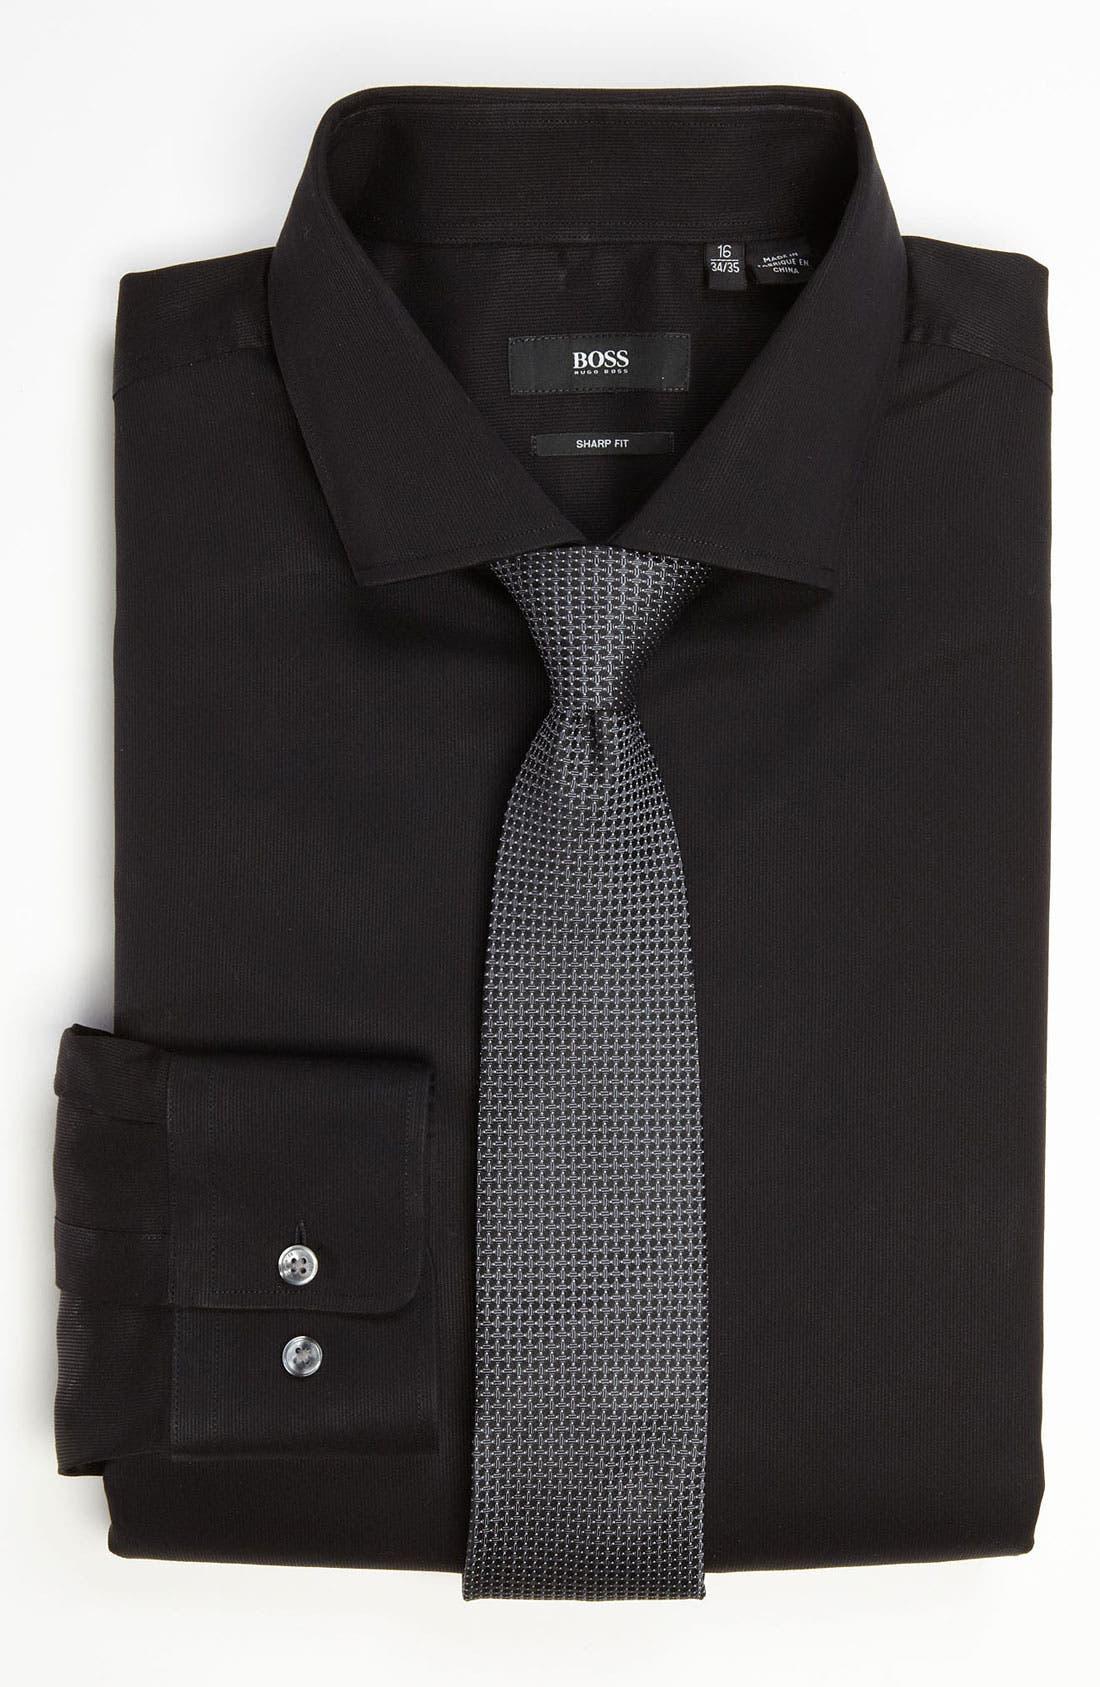 BOSS,                             HUGO BOSS 'Miles' Sharp Fit Tonal Stripe Cotton Dress Shirt,                             Alternate thumbnail 3, color,                             001